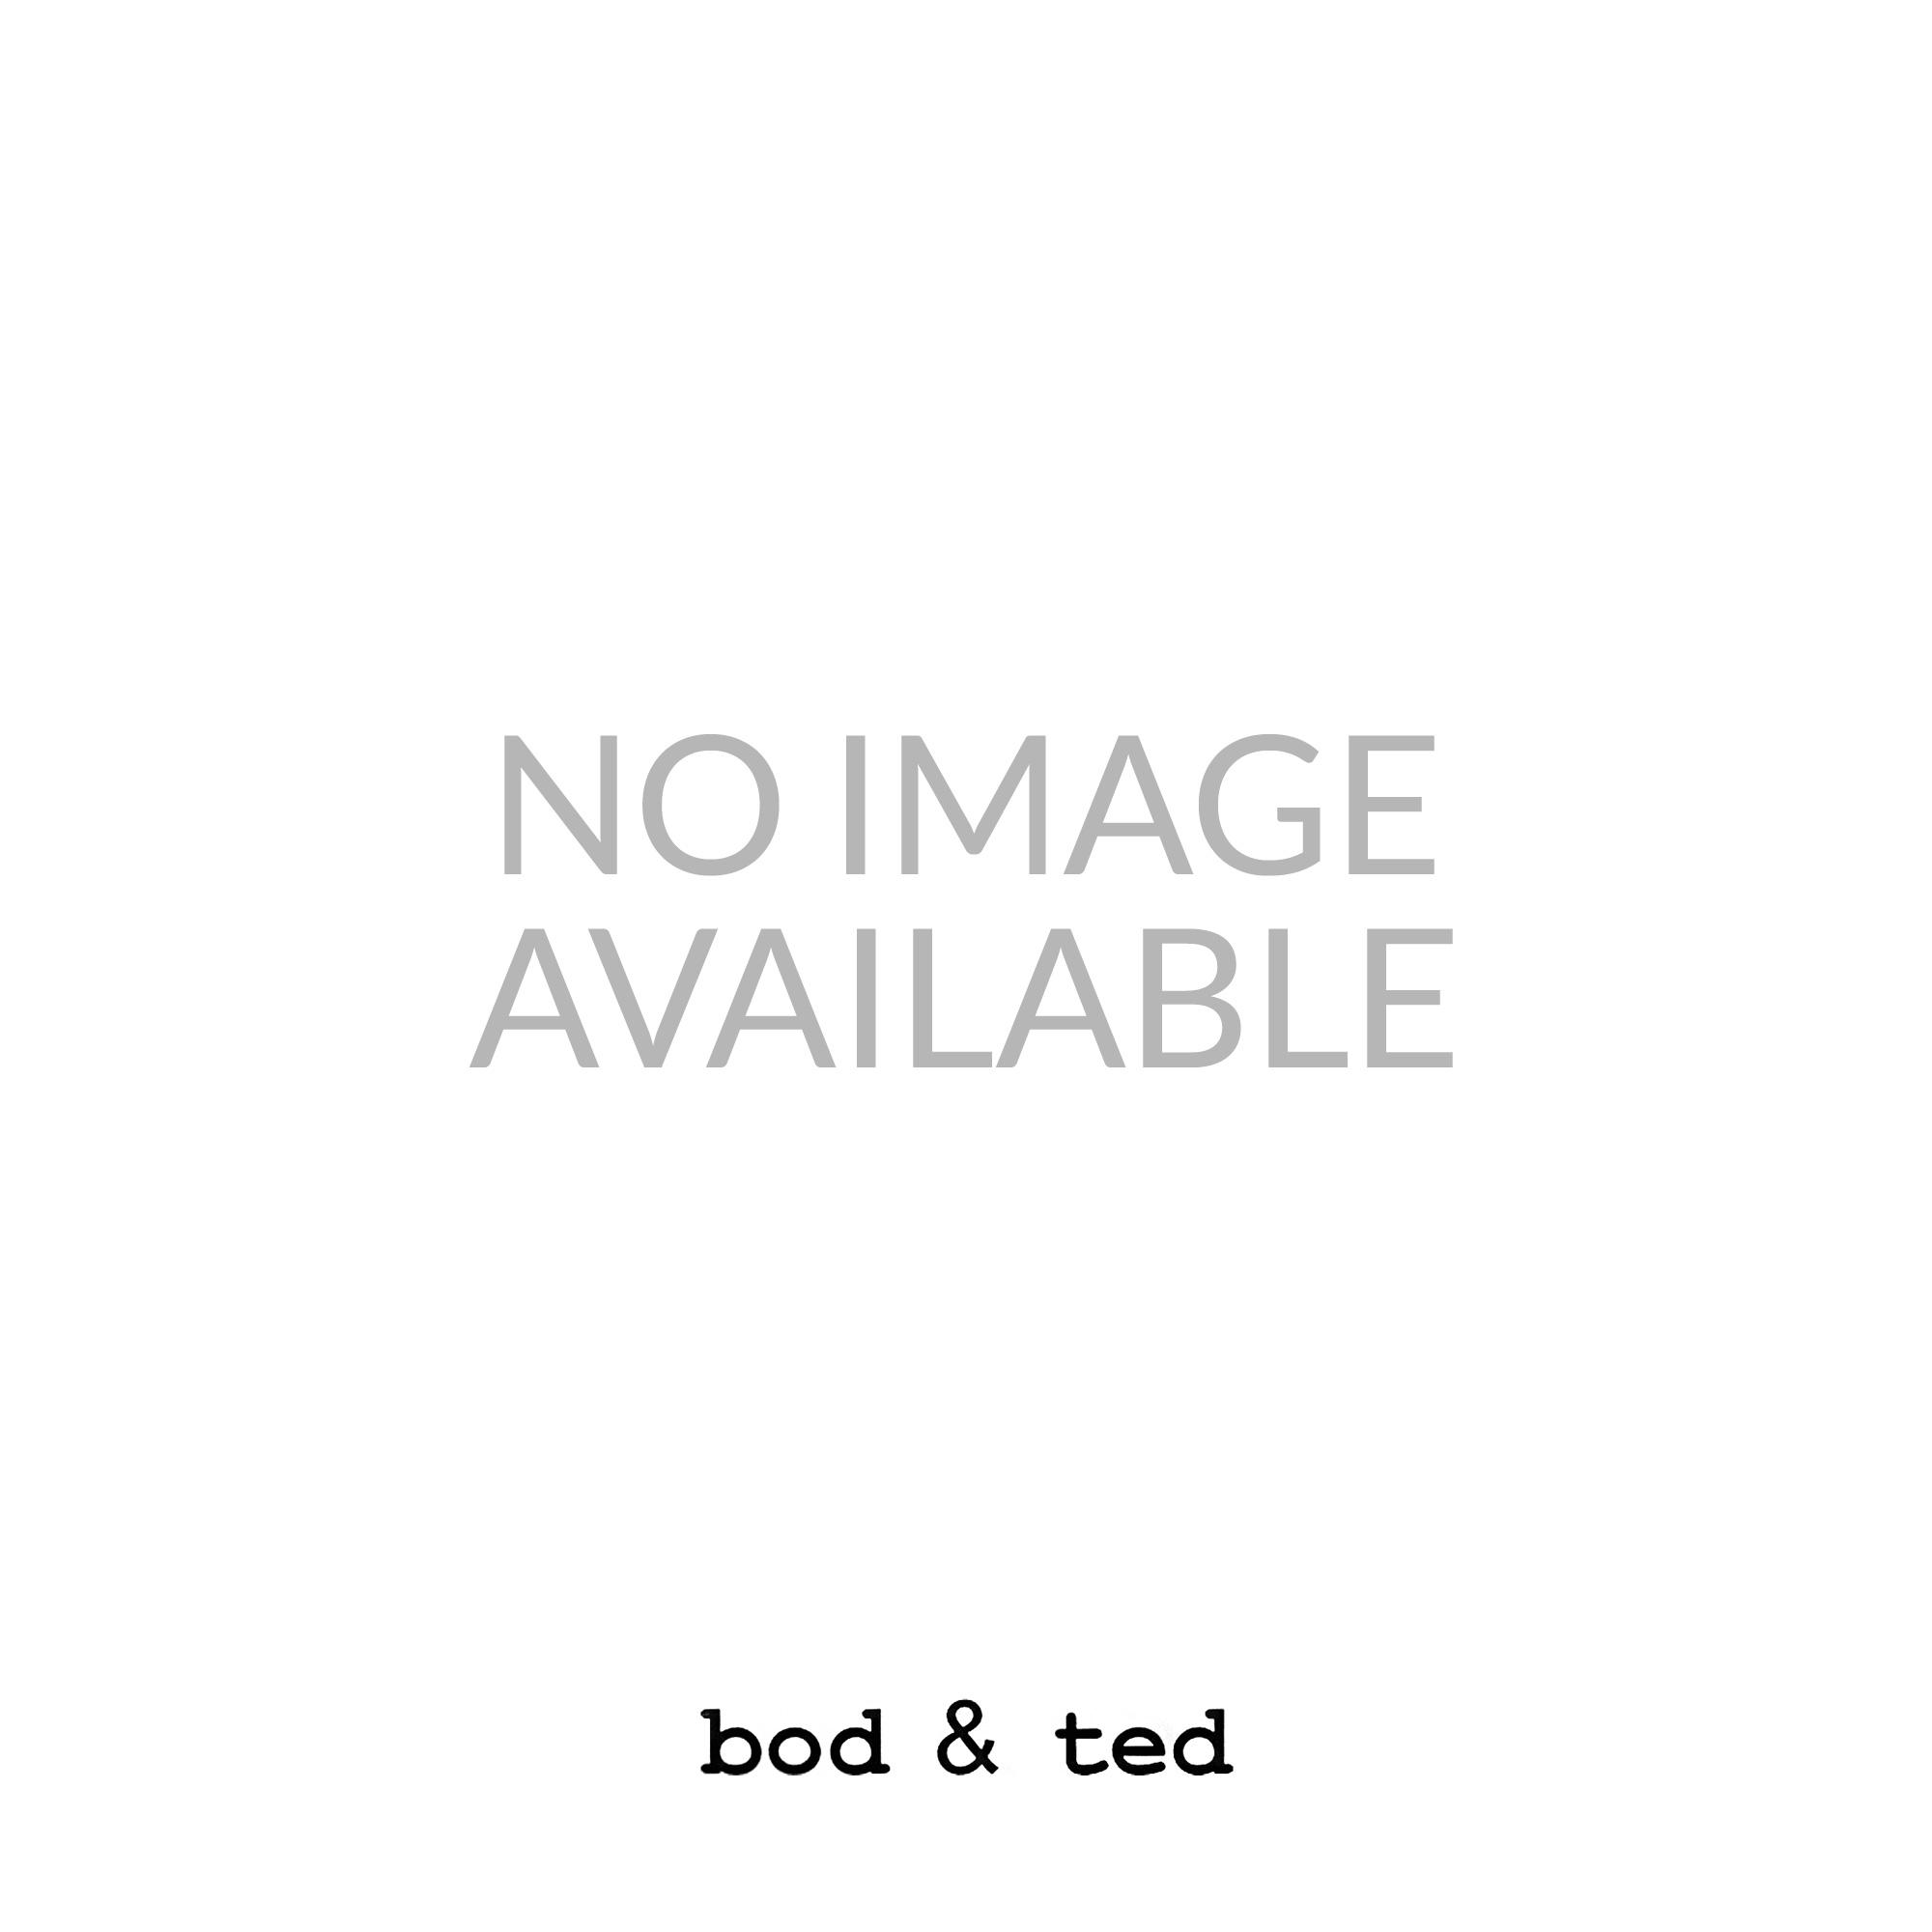 LEMPI (LEM-PE) Scent Diffuser